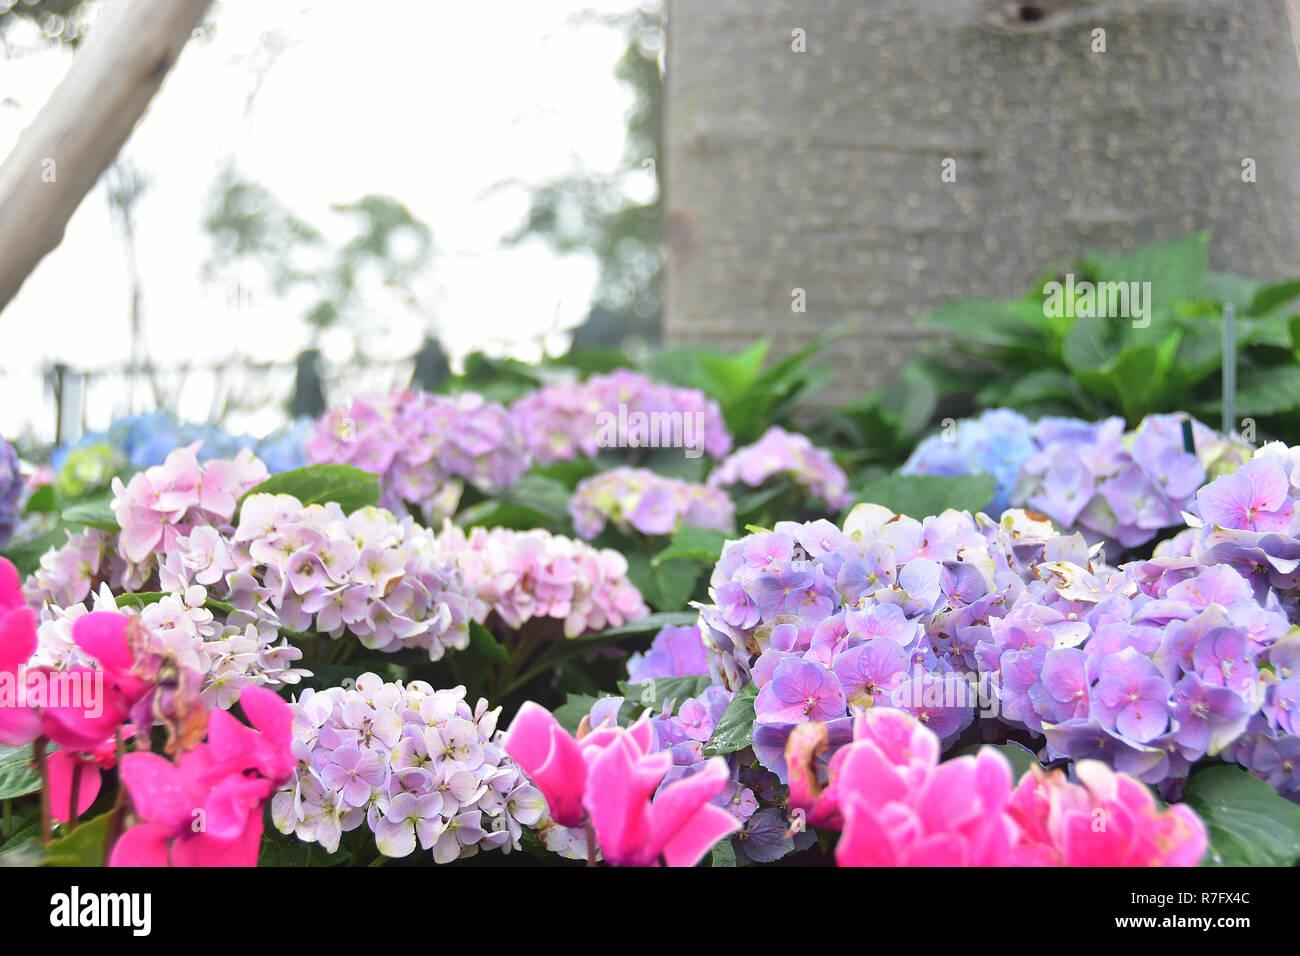 Bella viola i fiori delle ortensie in giardino Foto Stock